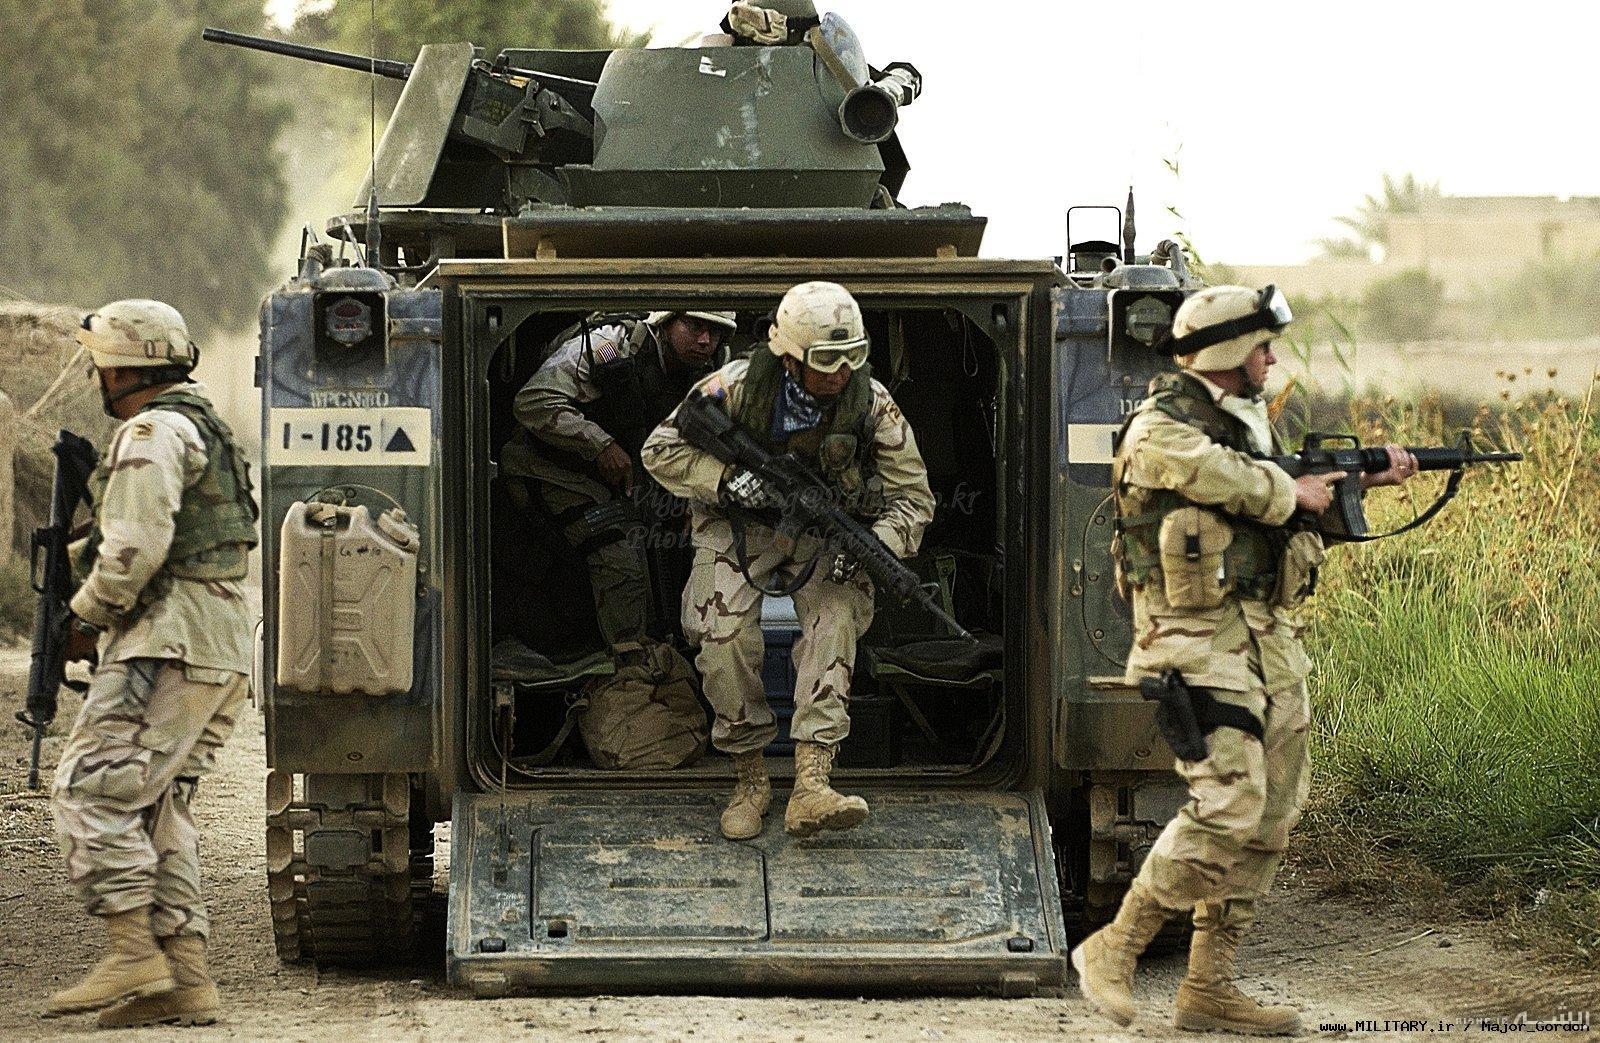 سال گذشته میلادی نیز هیچ پیشرفتی در افغانستان به وجود نیامد